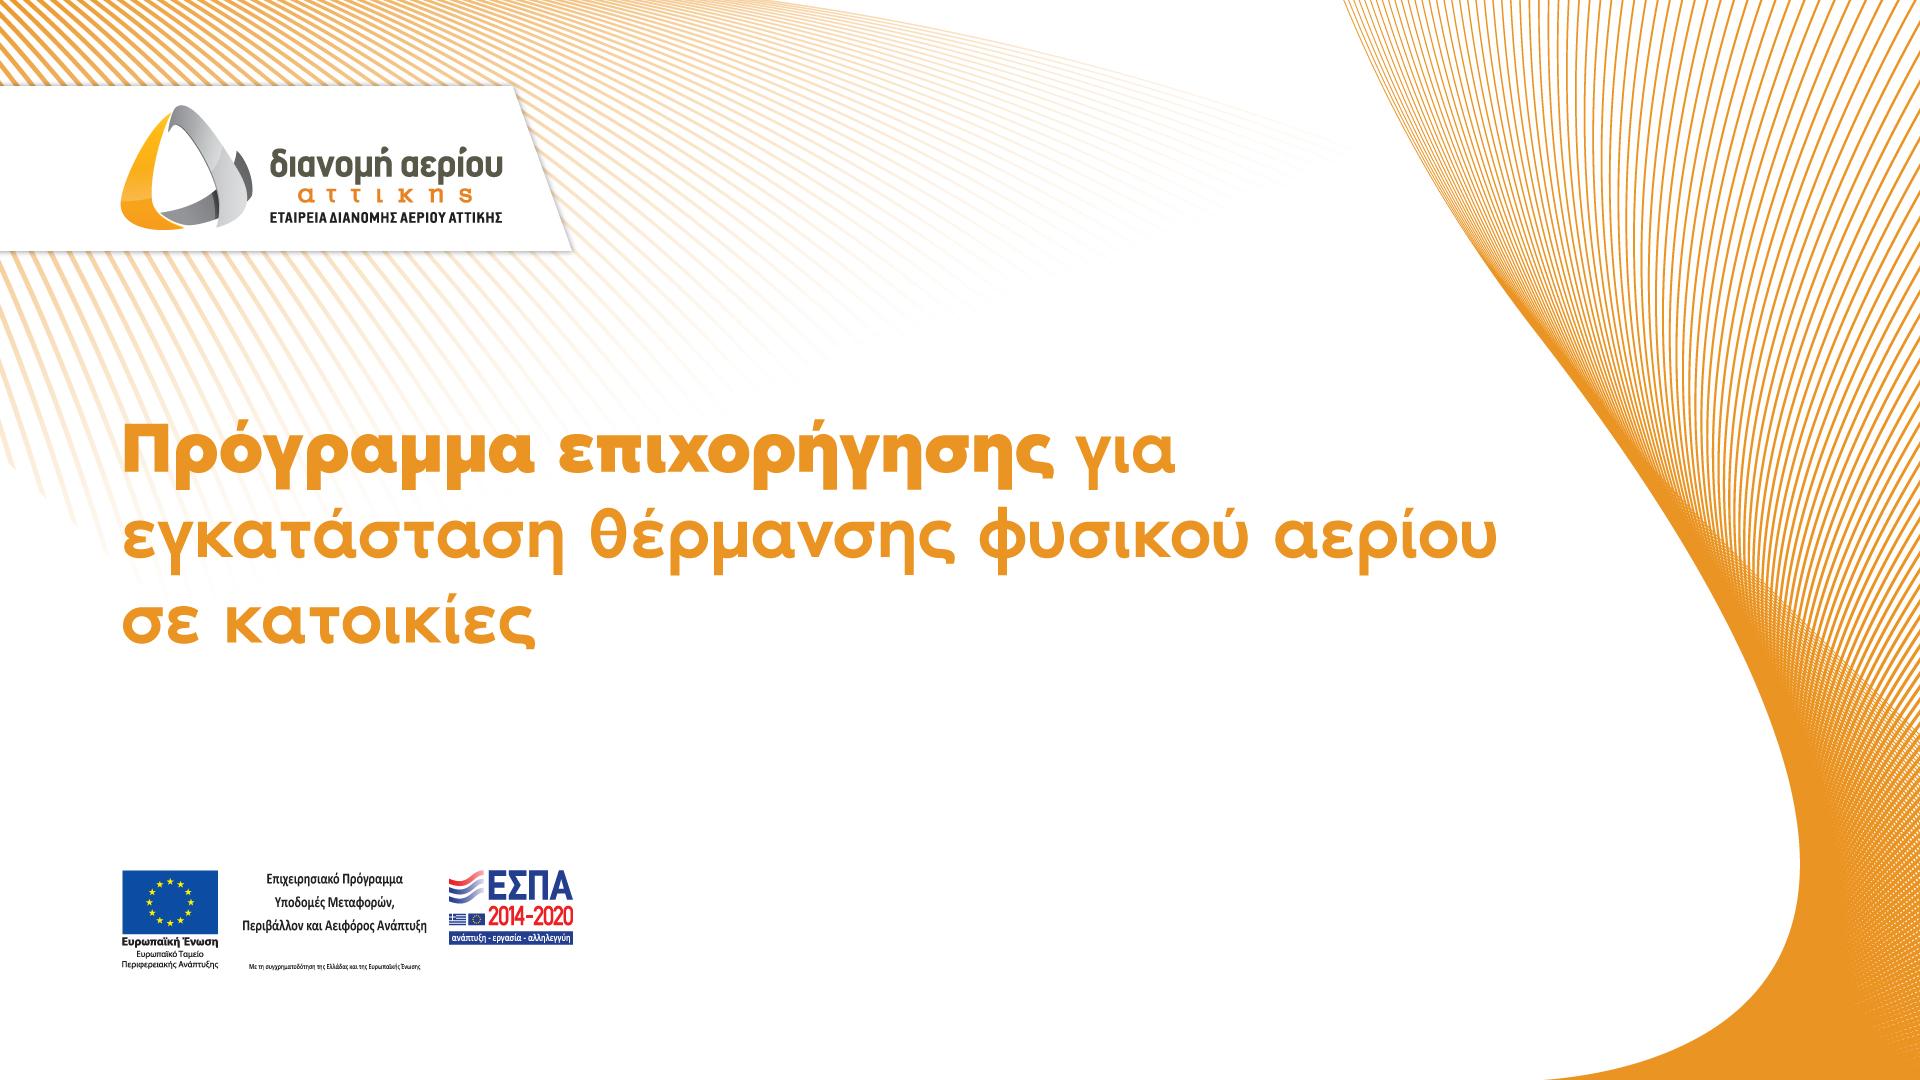 Η ΕΔΑ Αττικής συνδράμει ενεργά στη σύνδεση νοικοκυριών με το φυσικό αέριο σε 22 δήμους της Περιφέρειας Αττικής